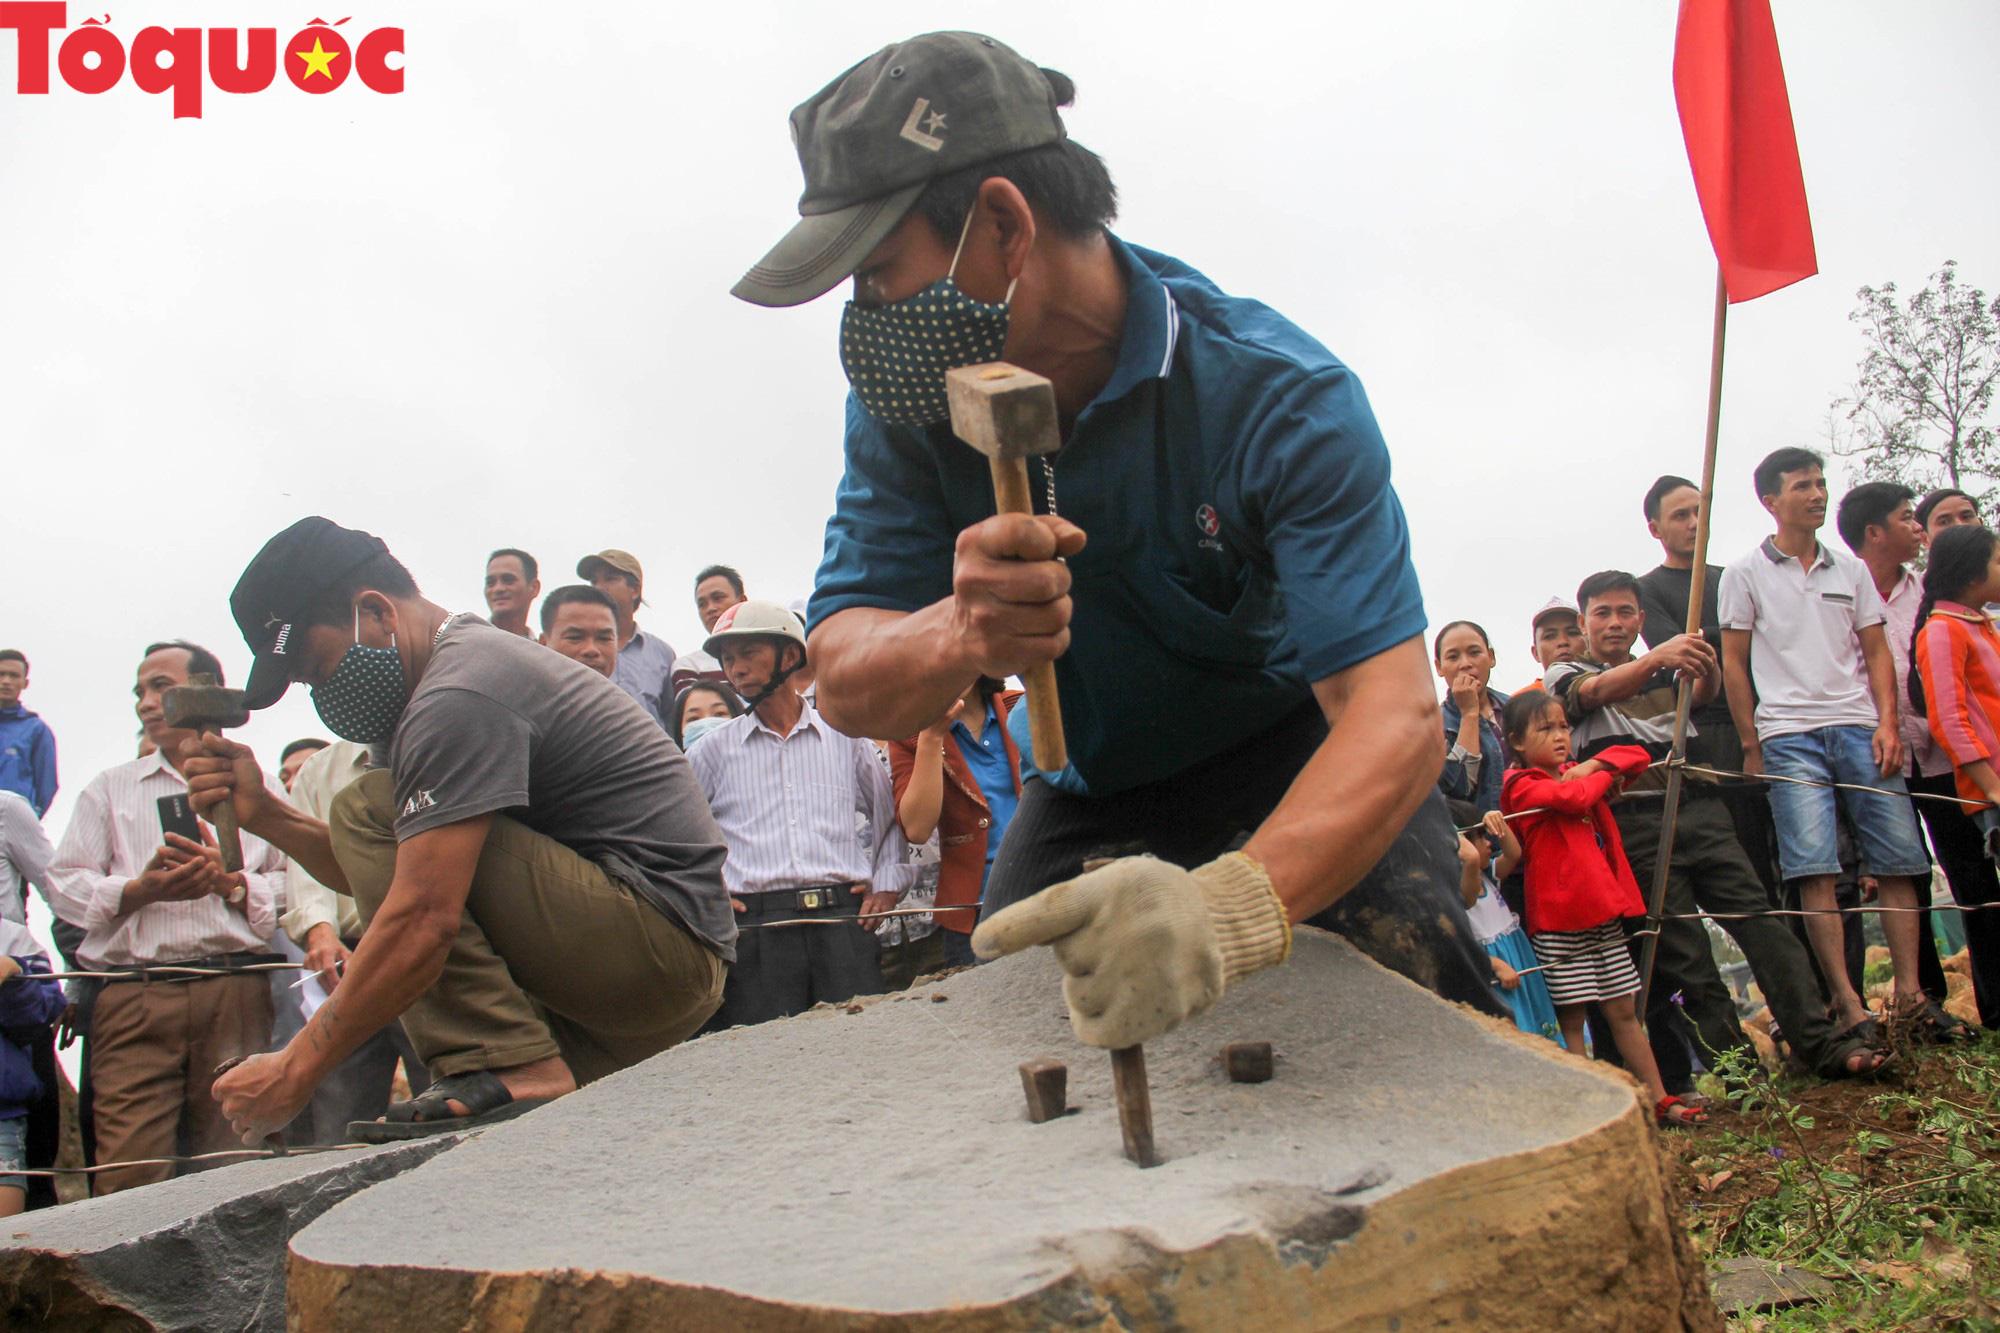 Độc đáo hội thi chẻ đá mồ côi ở Quảng Trị - Ảnh 6.